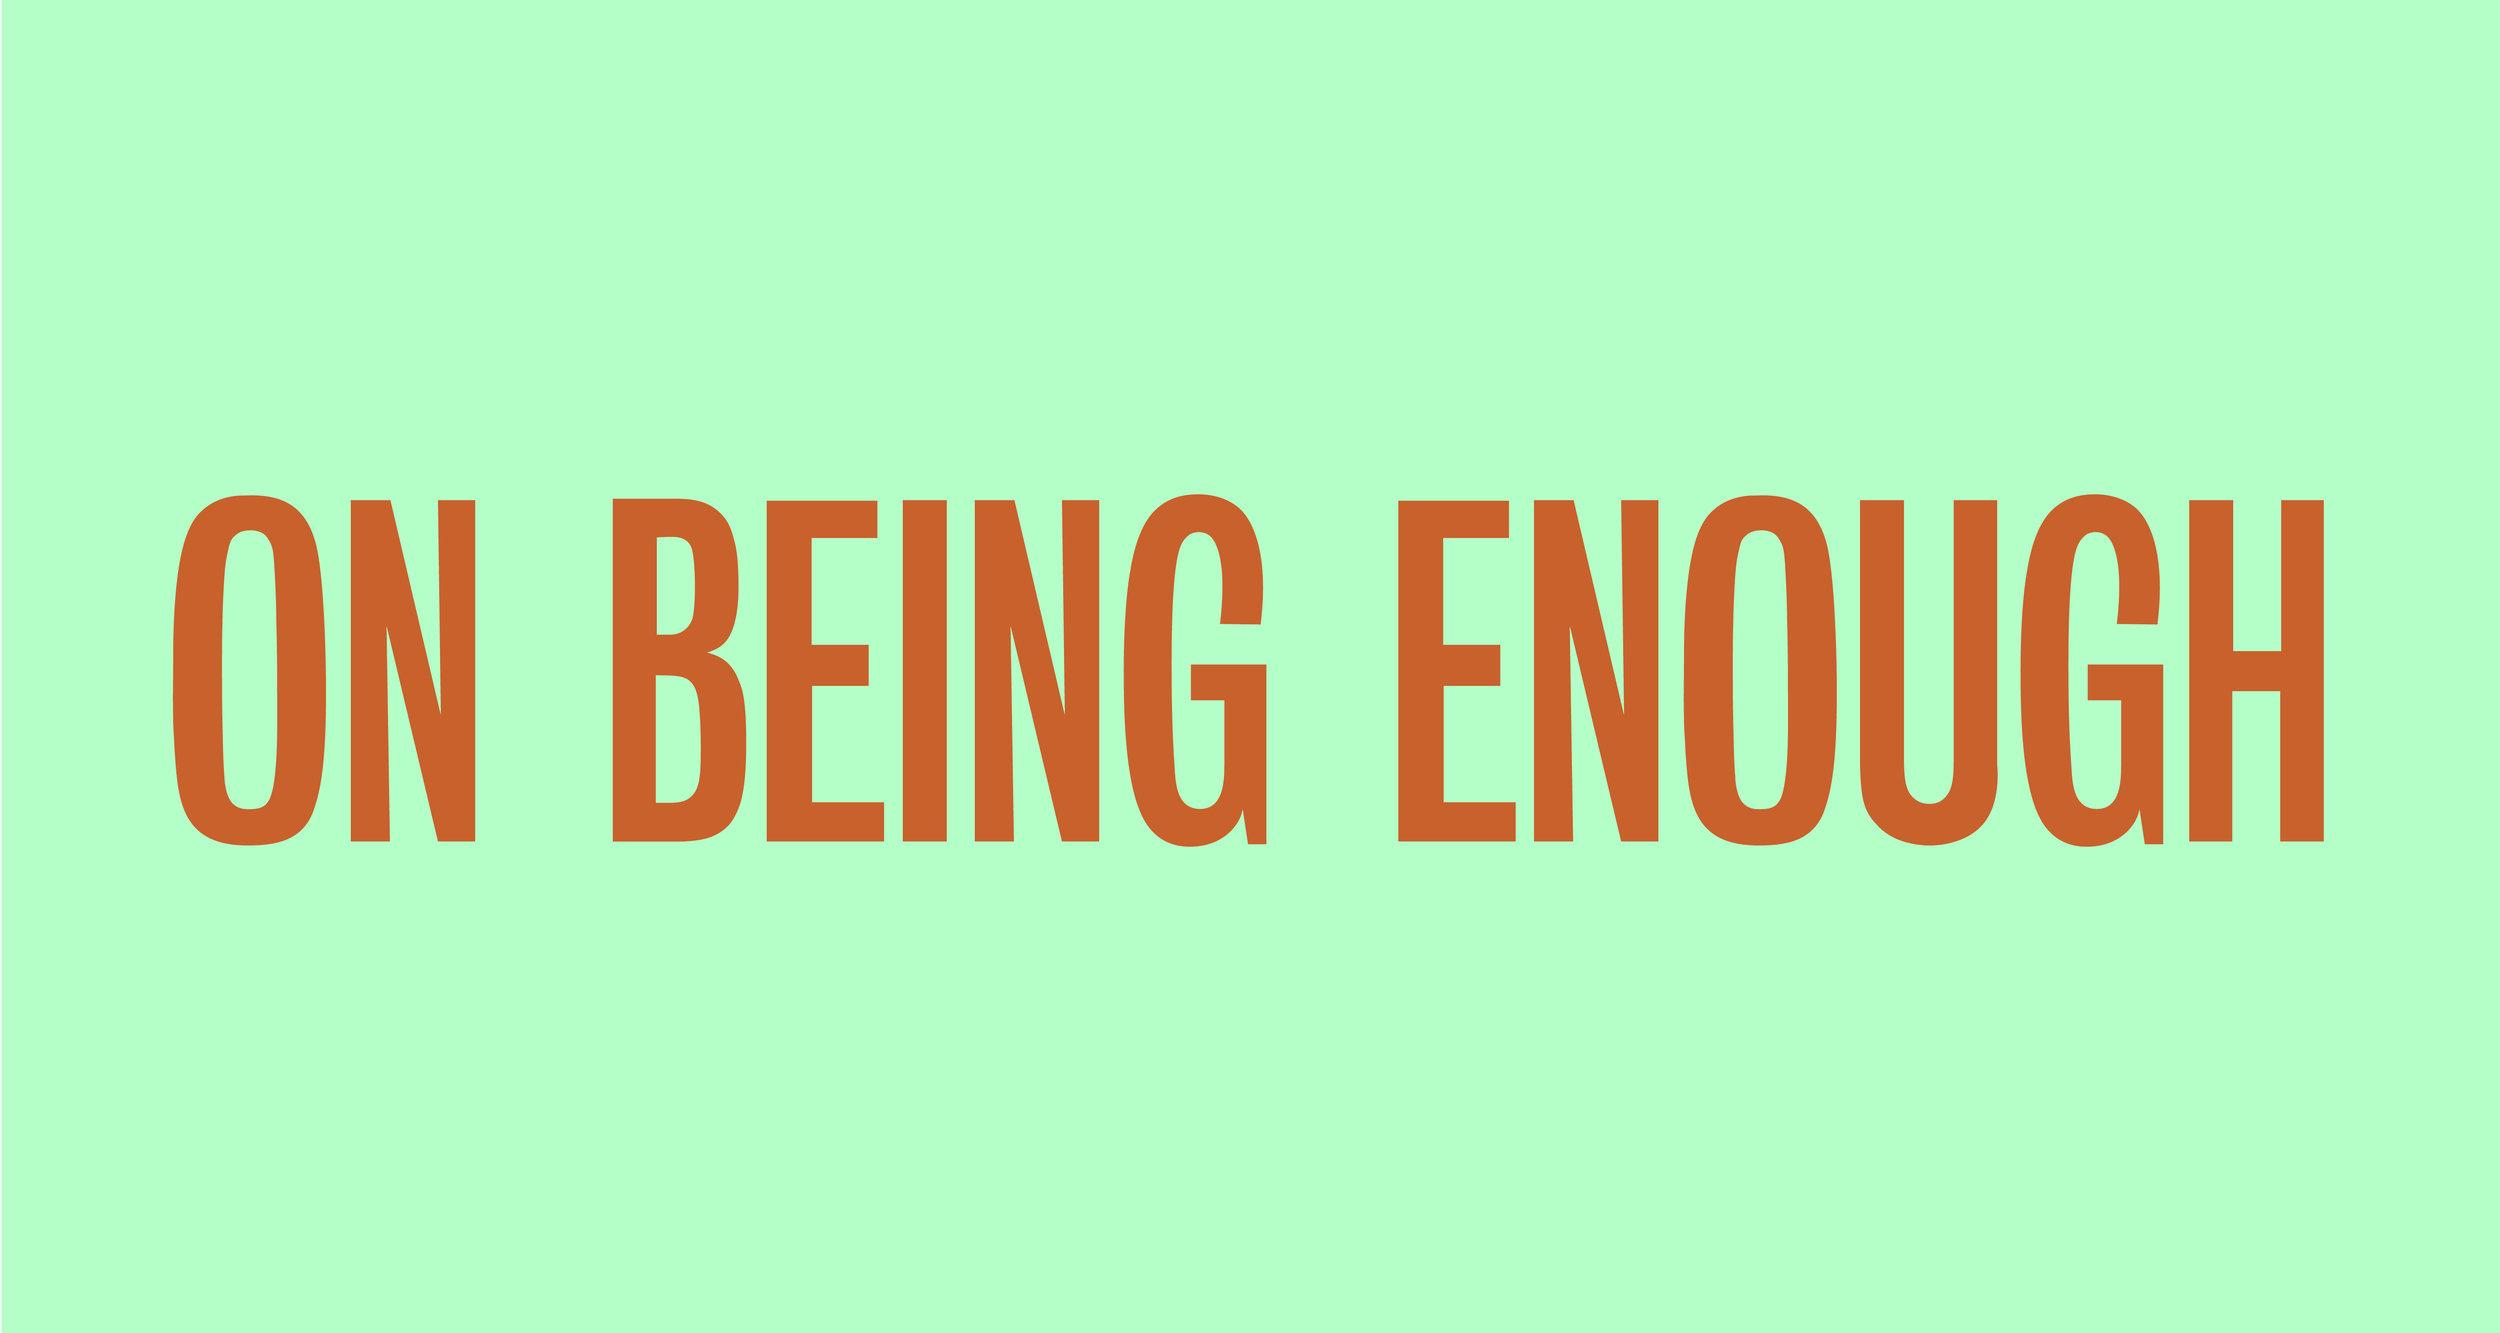 enough1.jpg